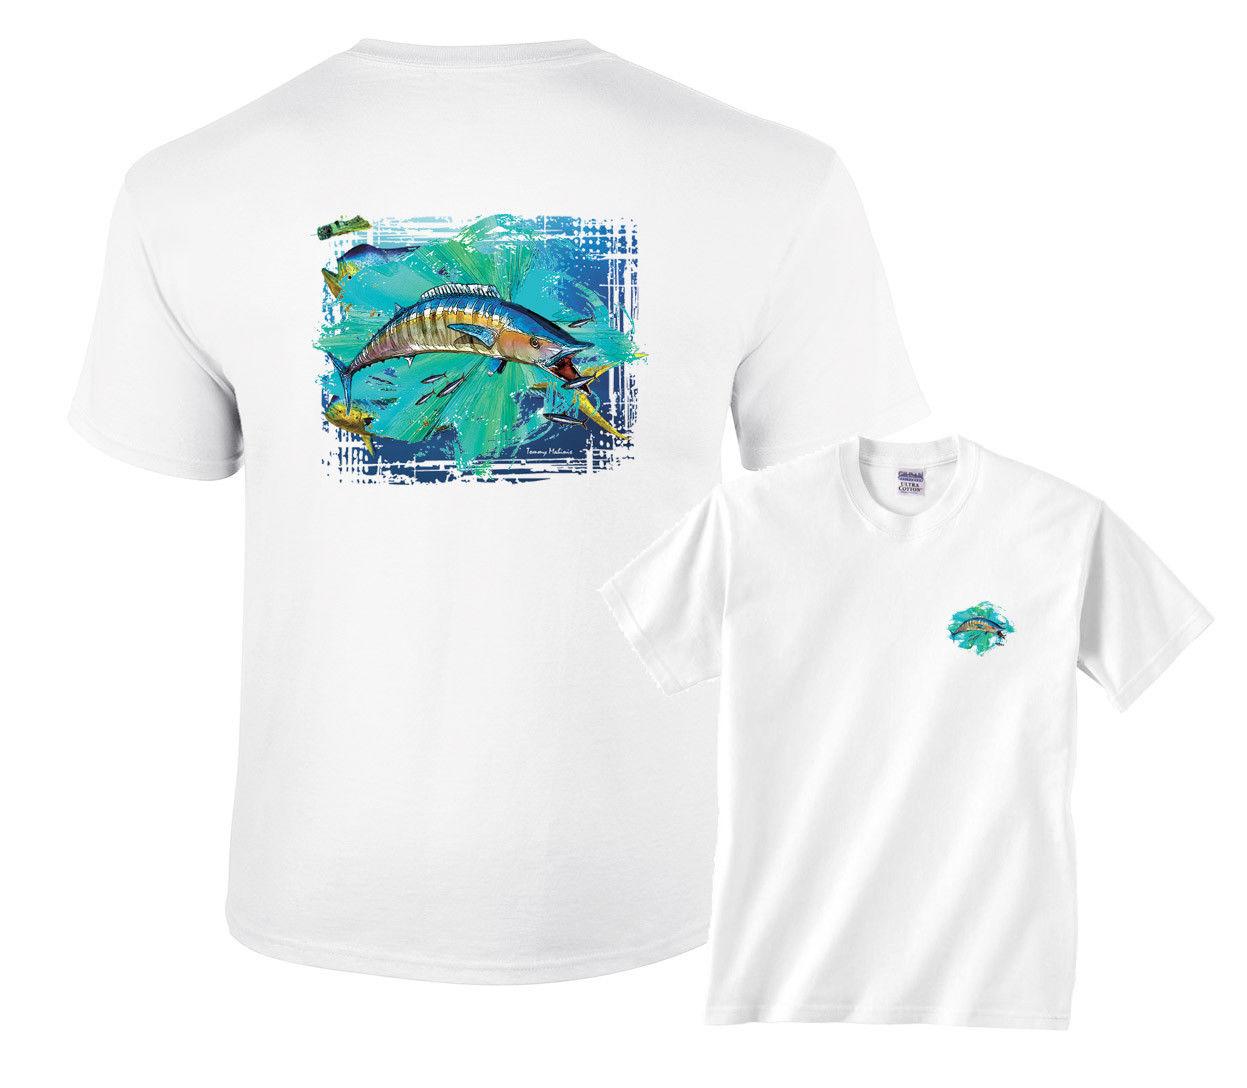 Wahoo Splash pesca camiseta de dibujos animados hombres Unisex nueva moda camiseta envío gratis top ajax 2018 divertidas camisetas 100%